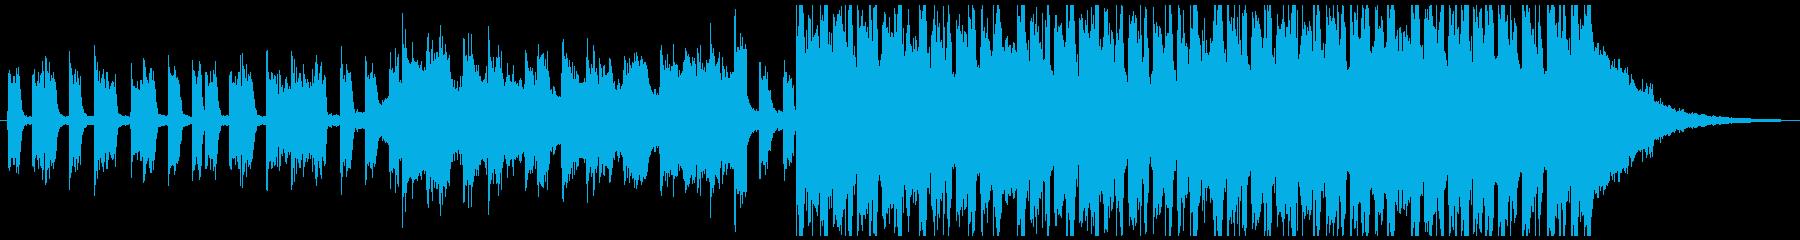 反復的なシンセリフに基づいた、アク...の再生済みの波形